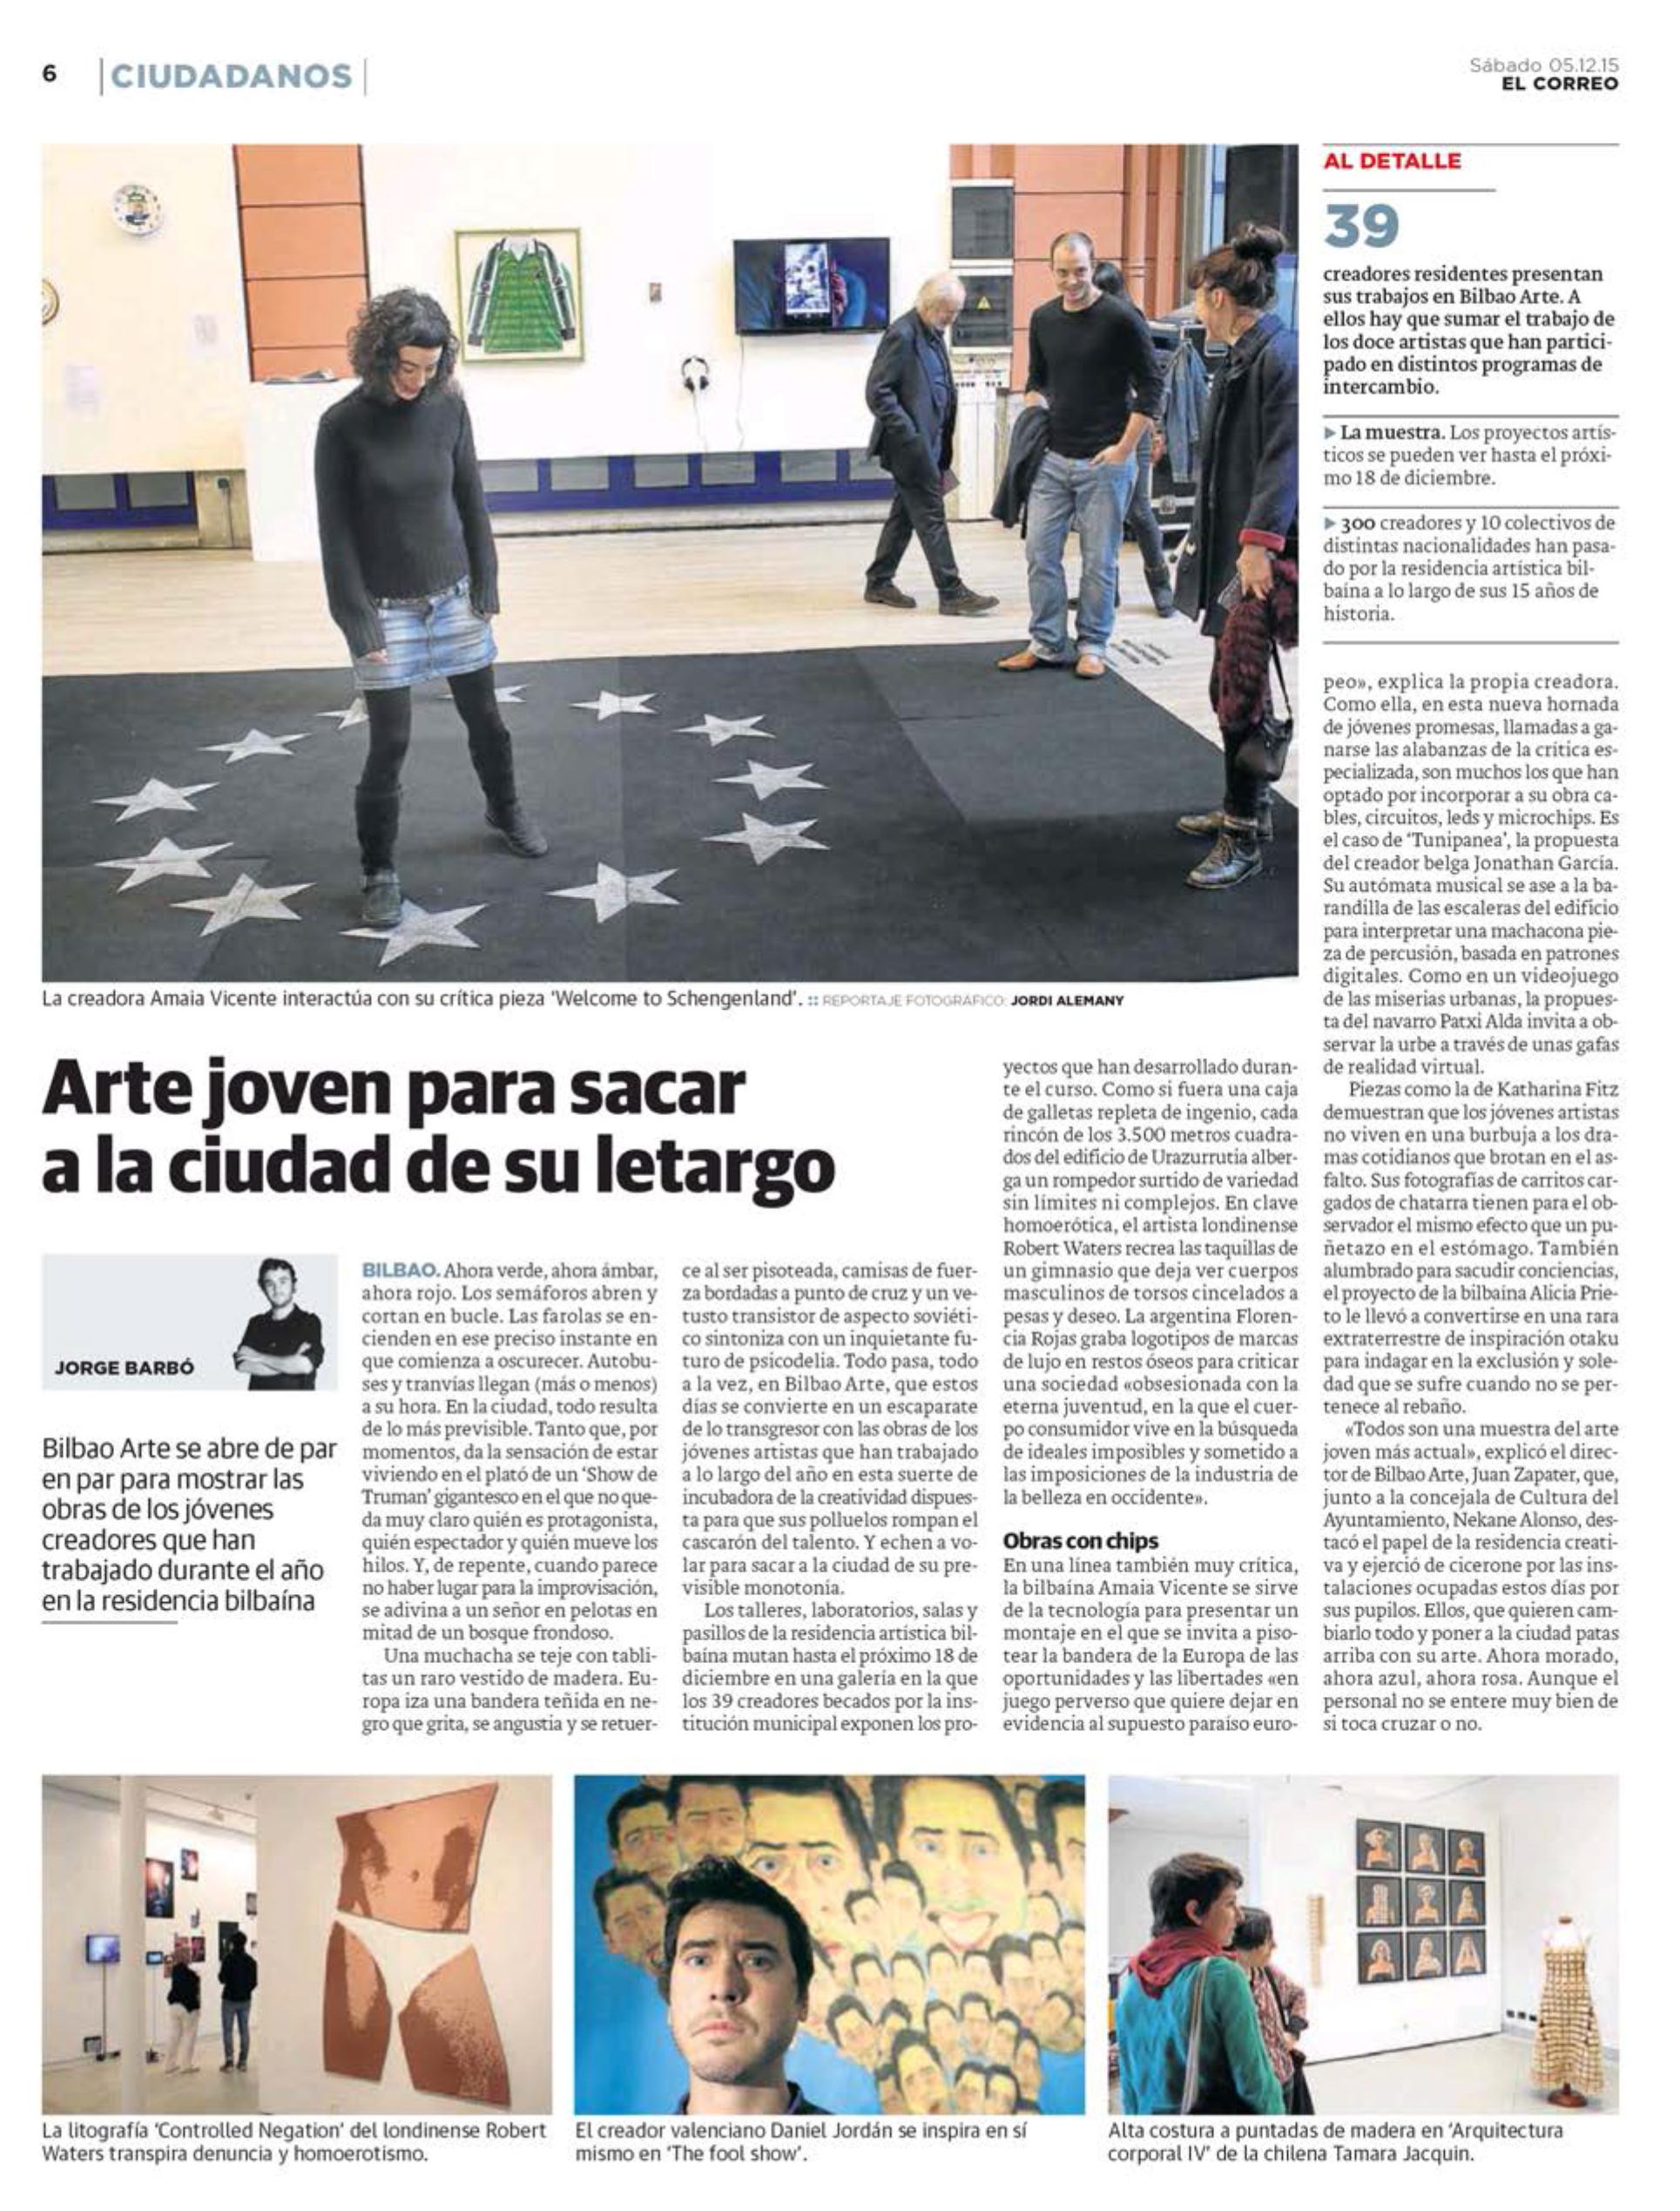 Kiosko y Más - El Correo - 5 dic. 2015 - Page #6